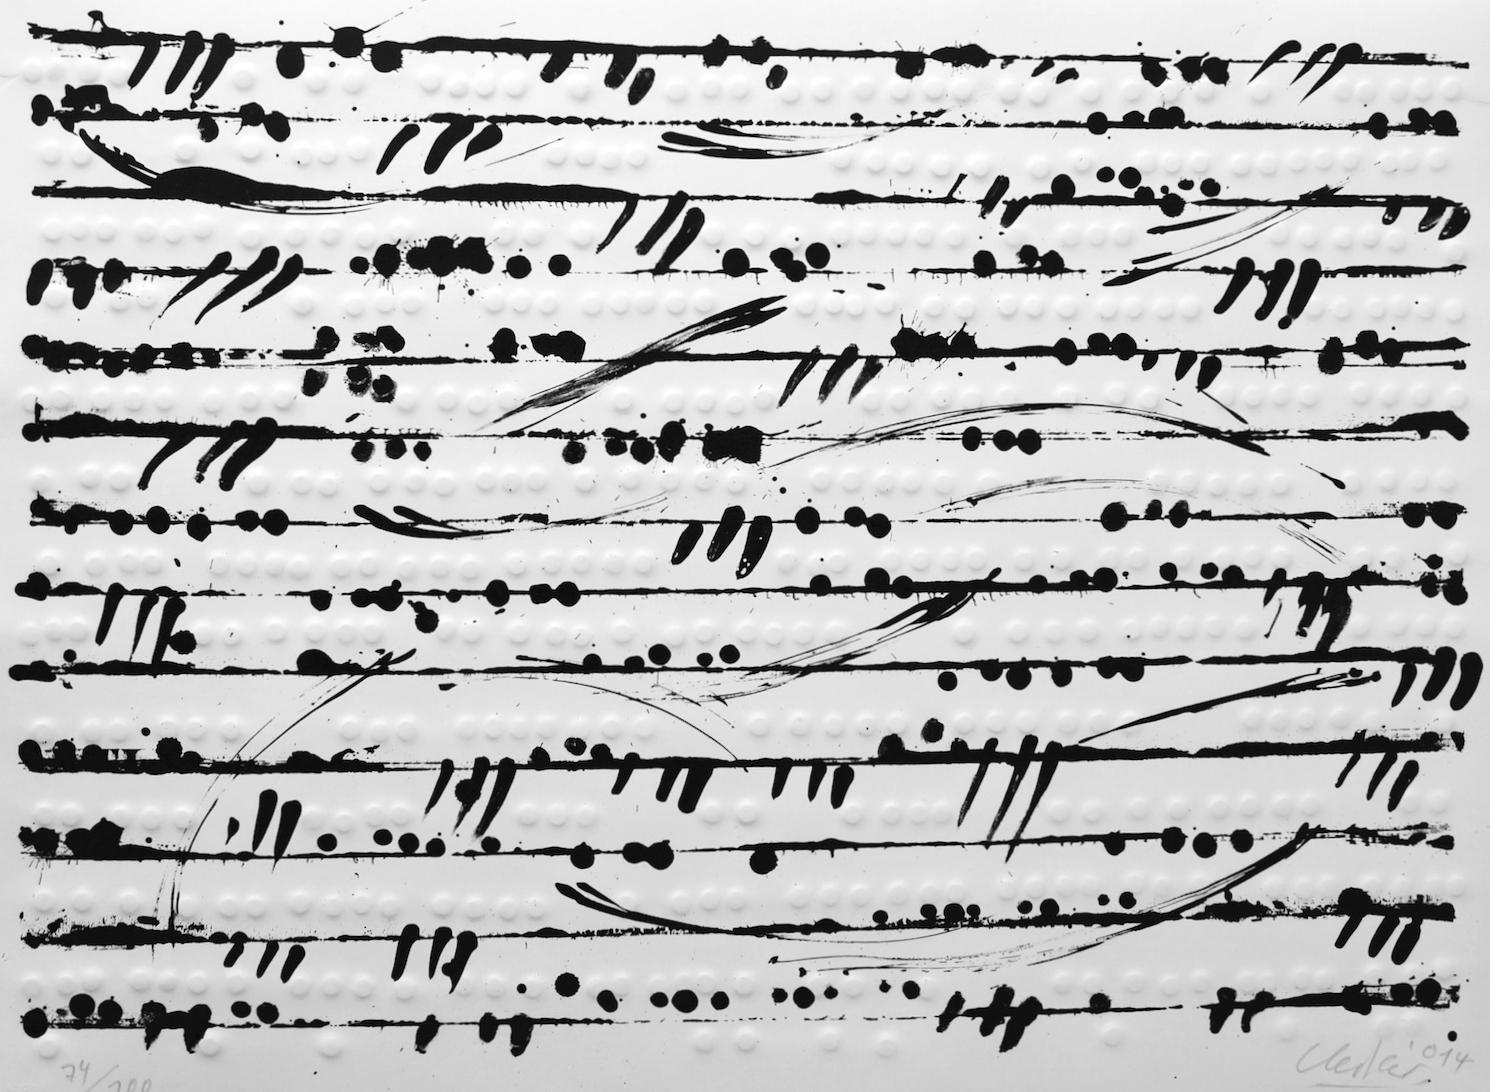 Günther Uecker Optische Partitur I,II,III, 2014 Lithographie, Prägedruck auf Büttenpapier 68,5 x 90 cm   27 x 35 1/2 in Expl.74/100